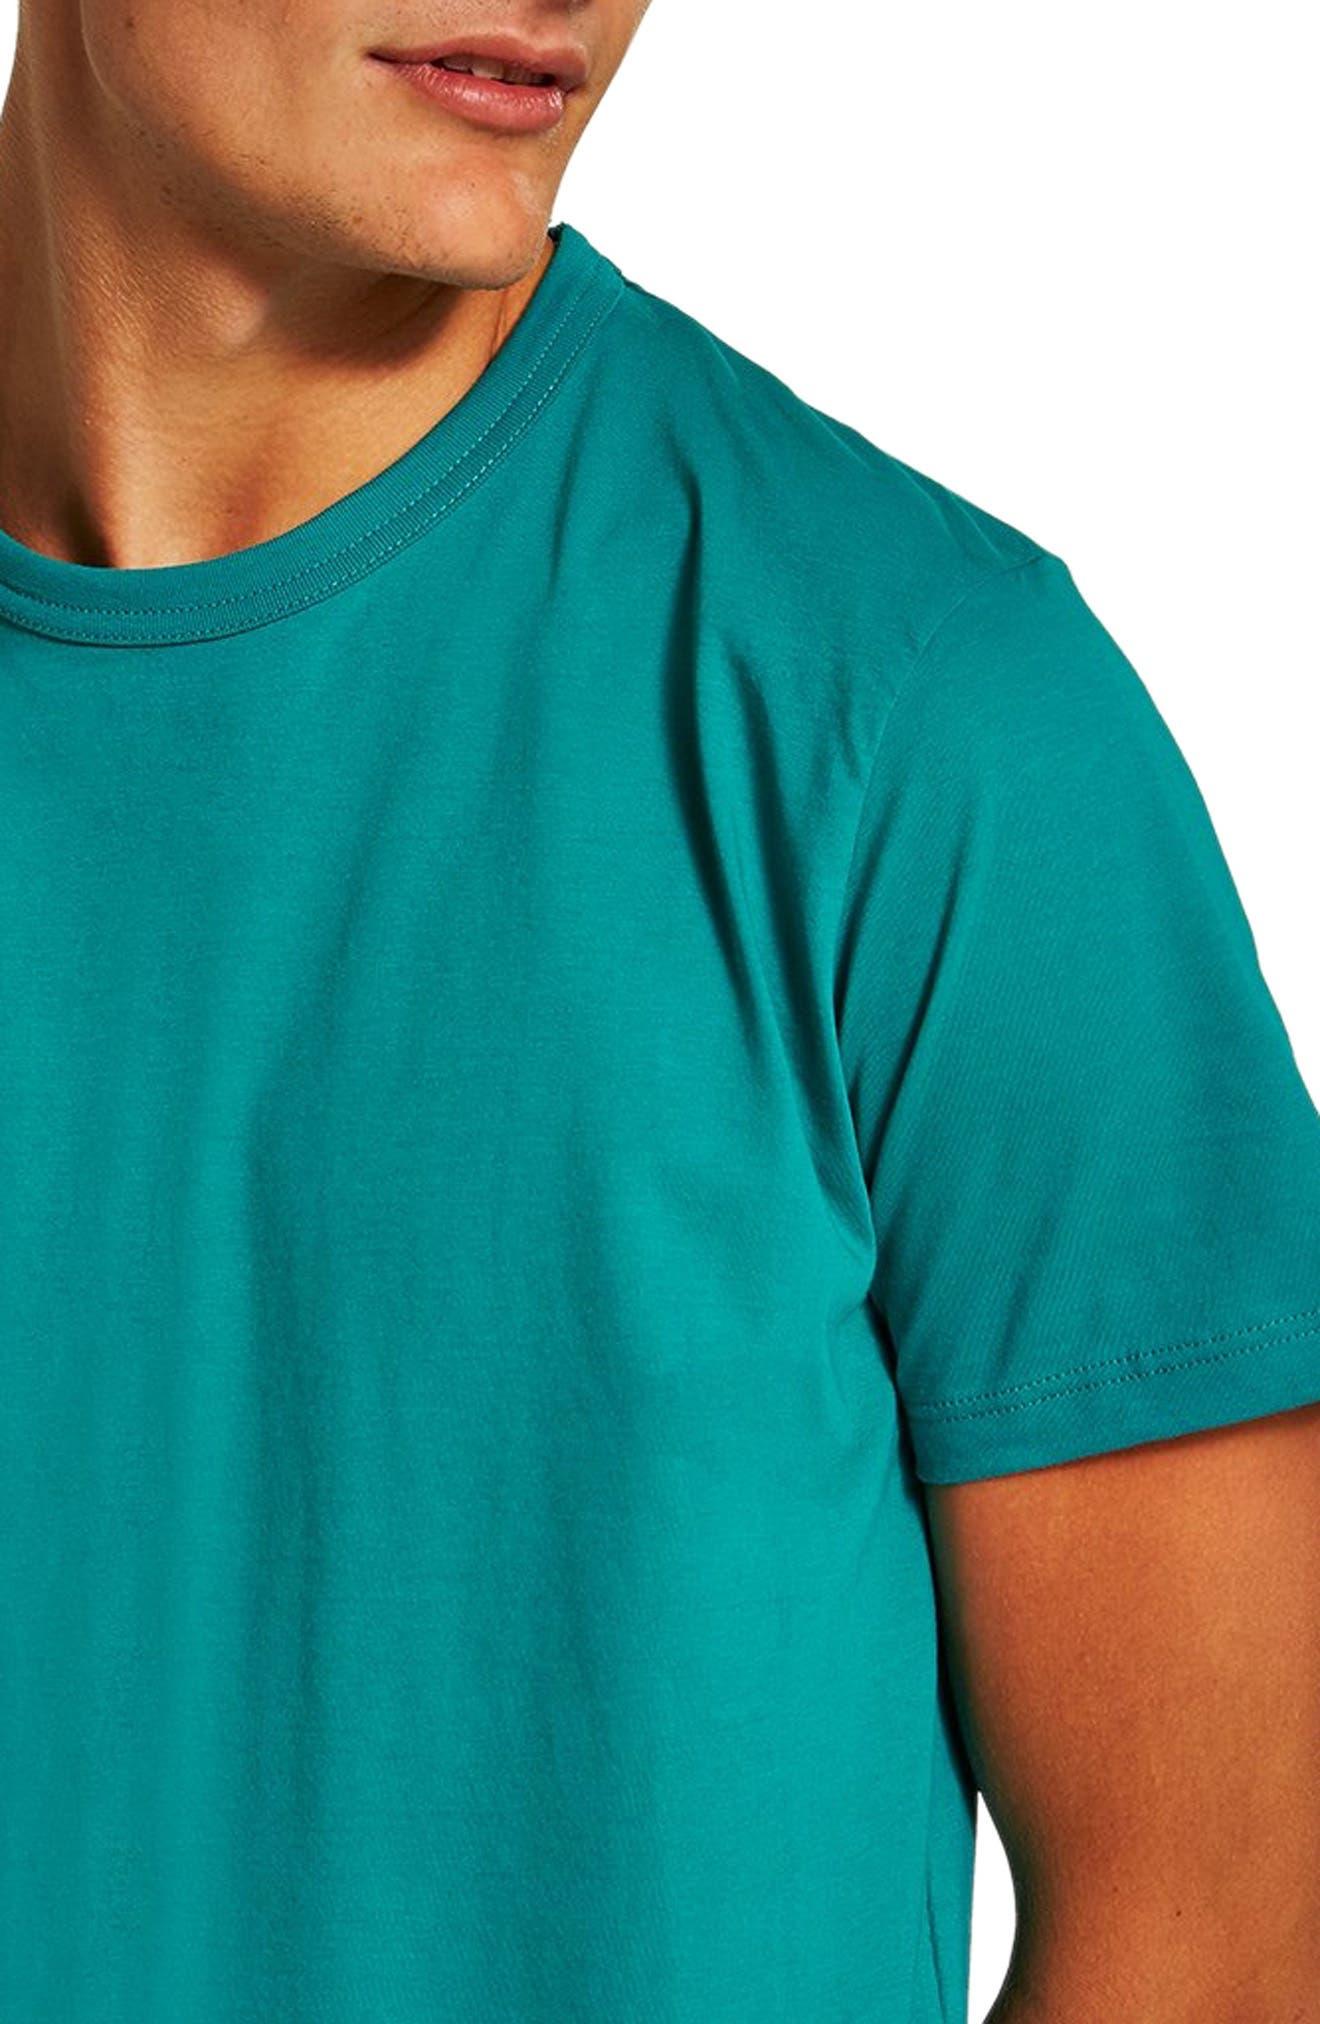 Classic Fit T-Shirt,                             Alternate thumbnail 3, color,                             AQUA